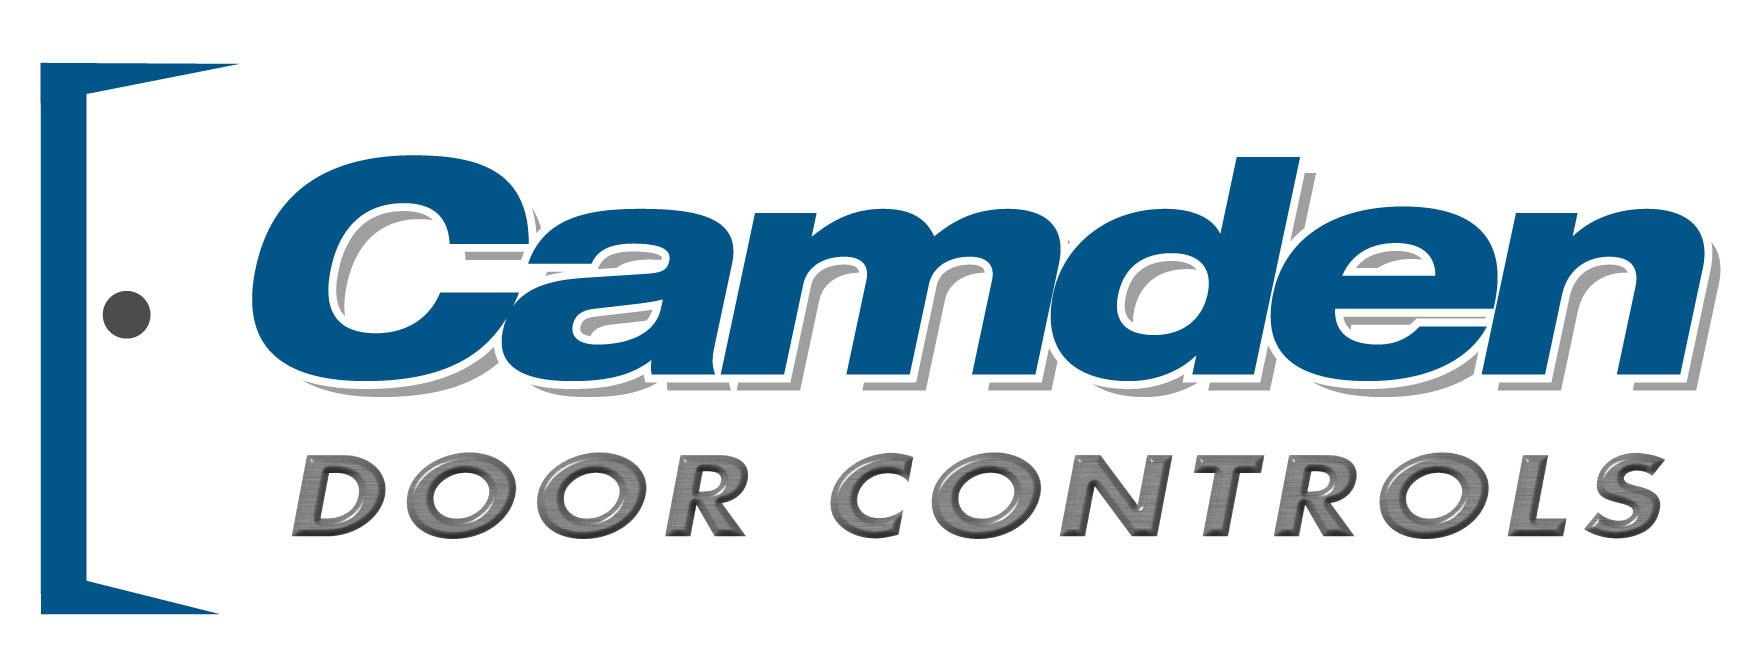 Camden Door Controls Logo JPG